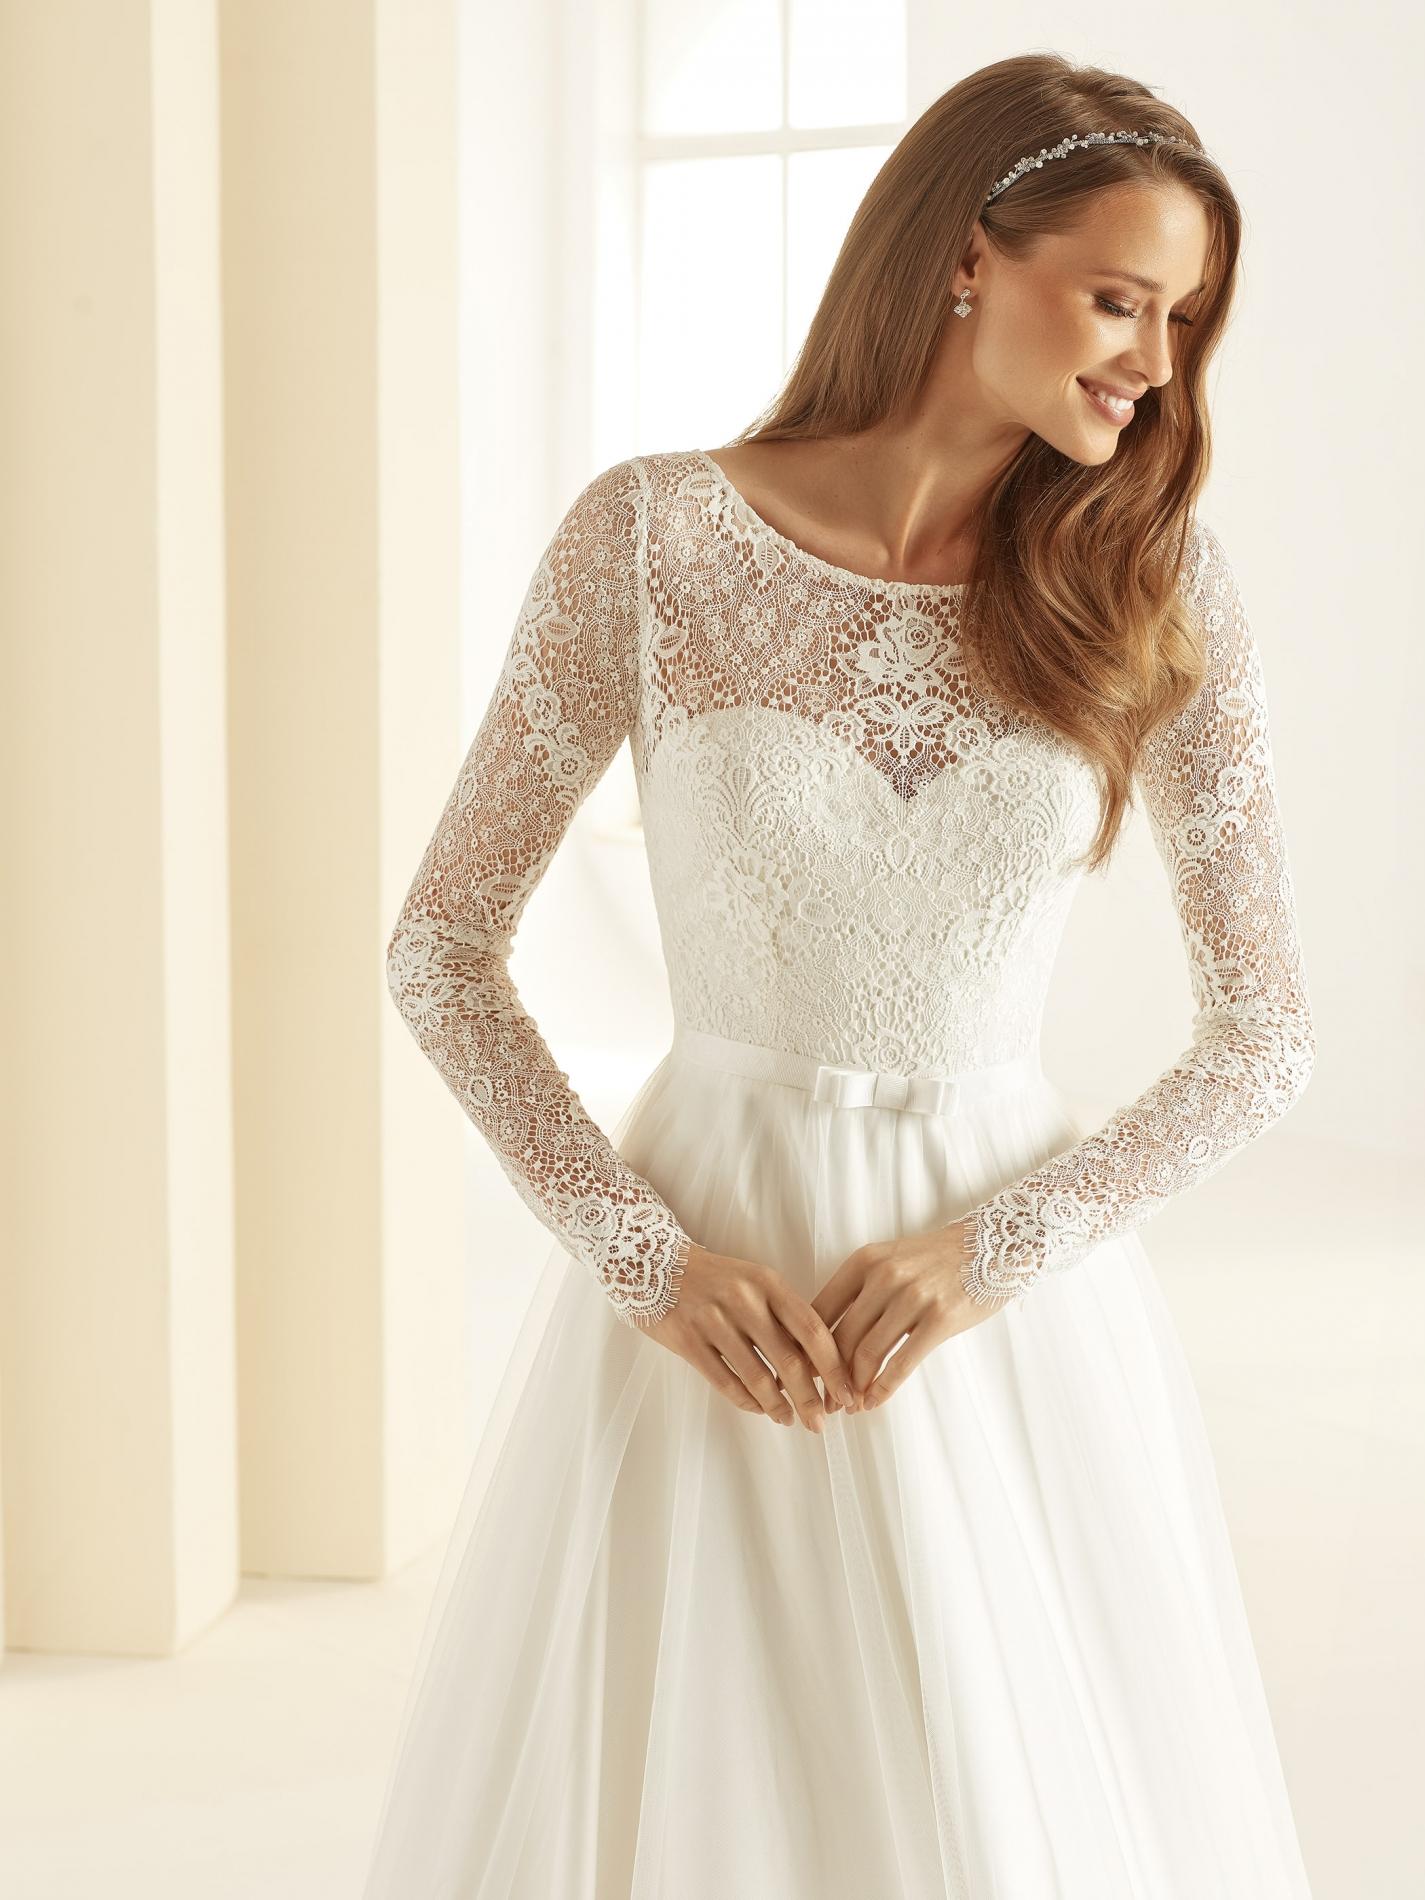 DANIELA-Bianco-Evento-bridal-dress-(2)